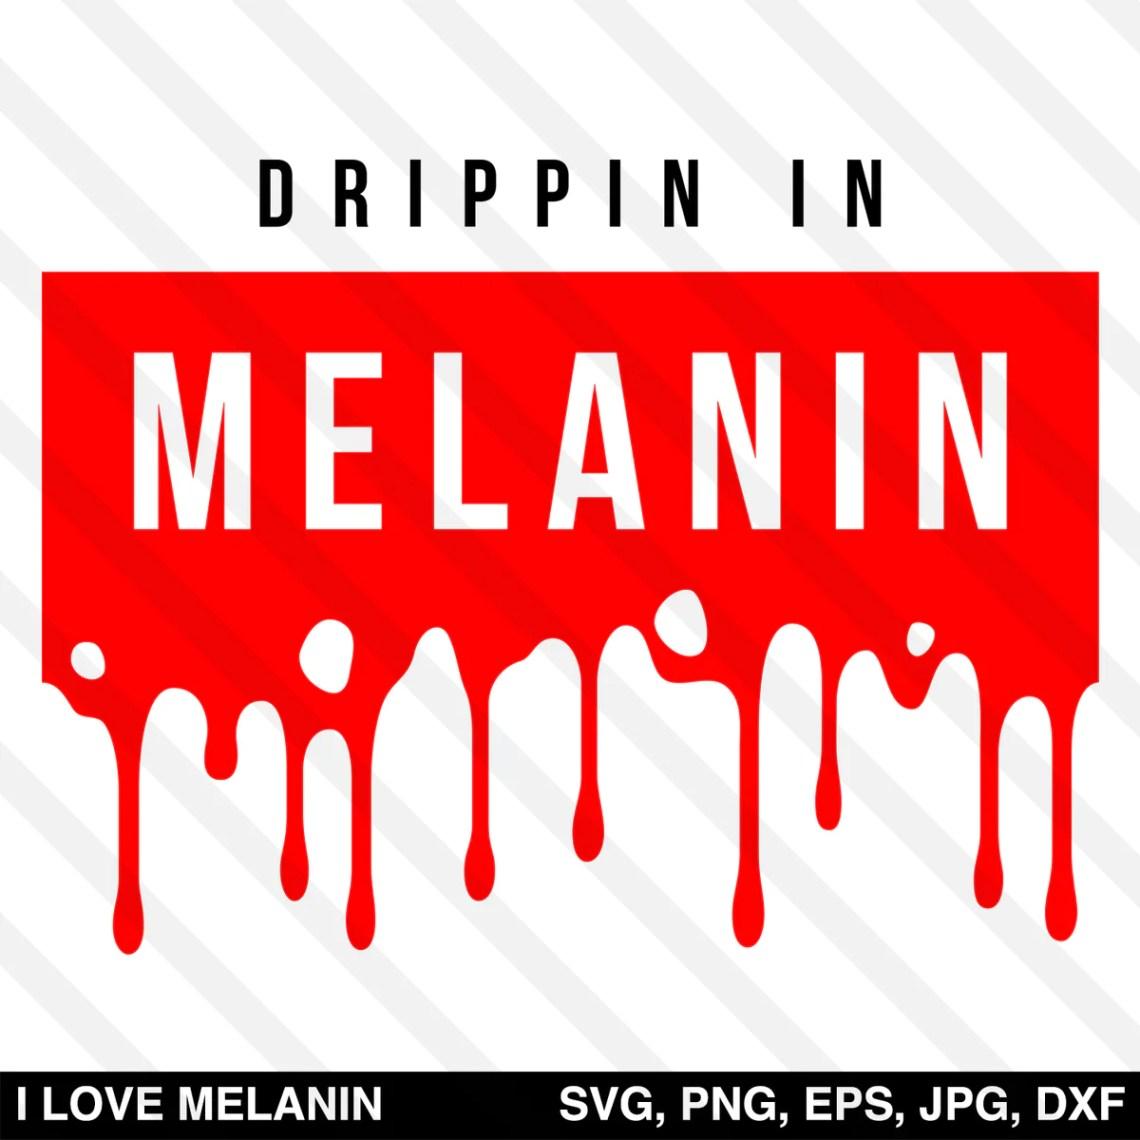 Download Drippin In Melanin SVG - I Love Melanin